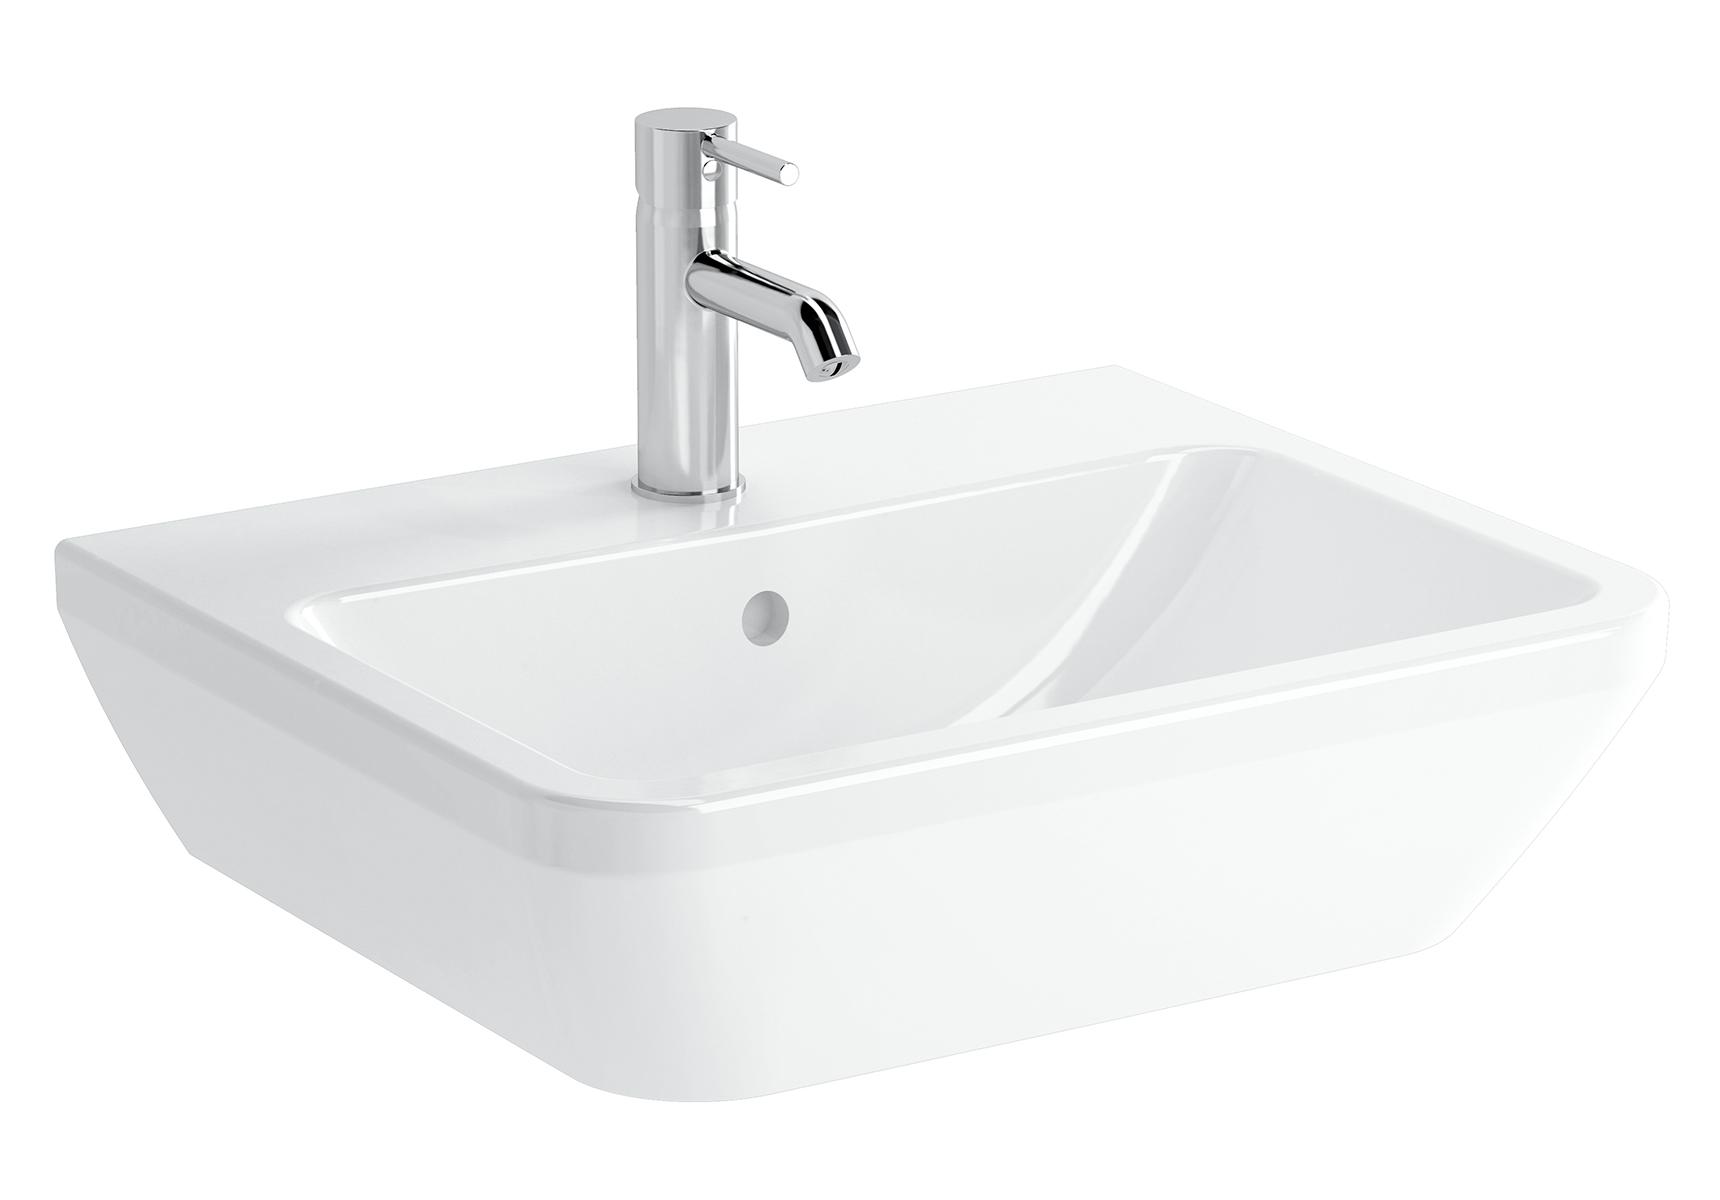 Integra lavabo carré, 55 cm, sans trou de robinet, avec trop-plein